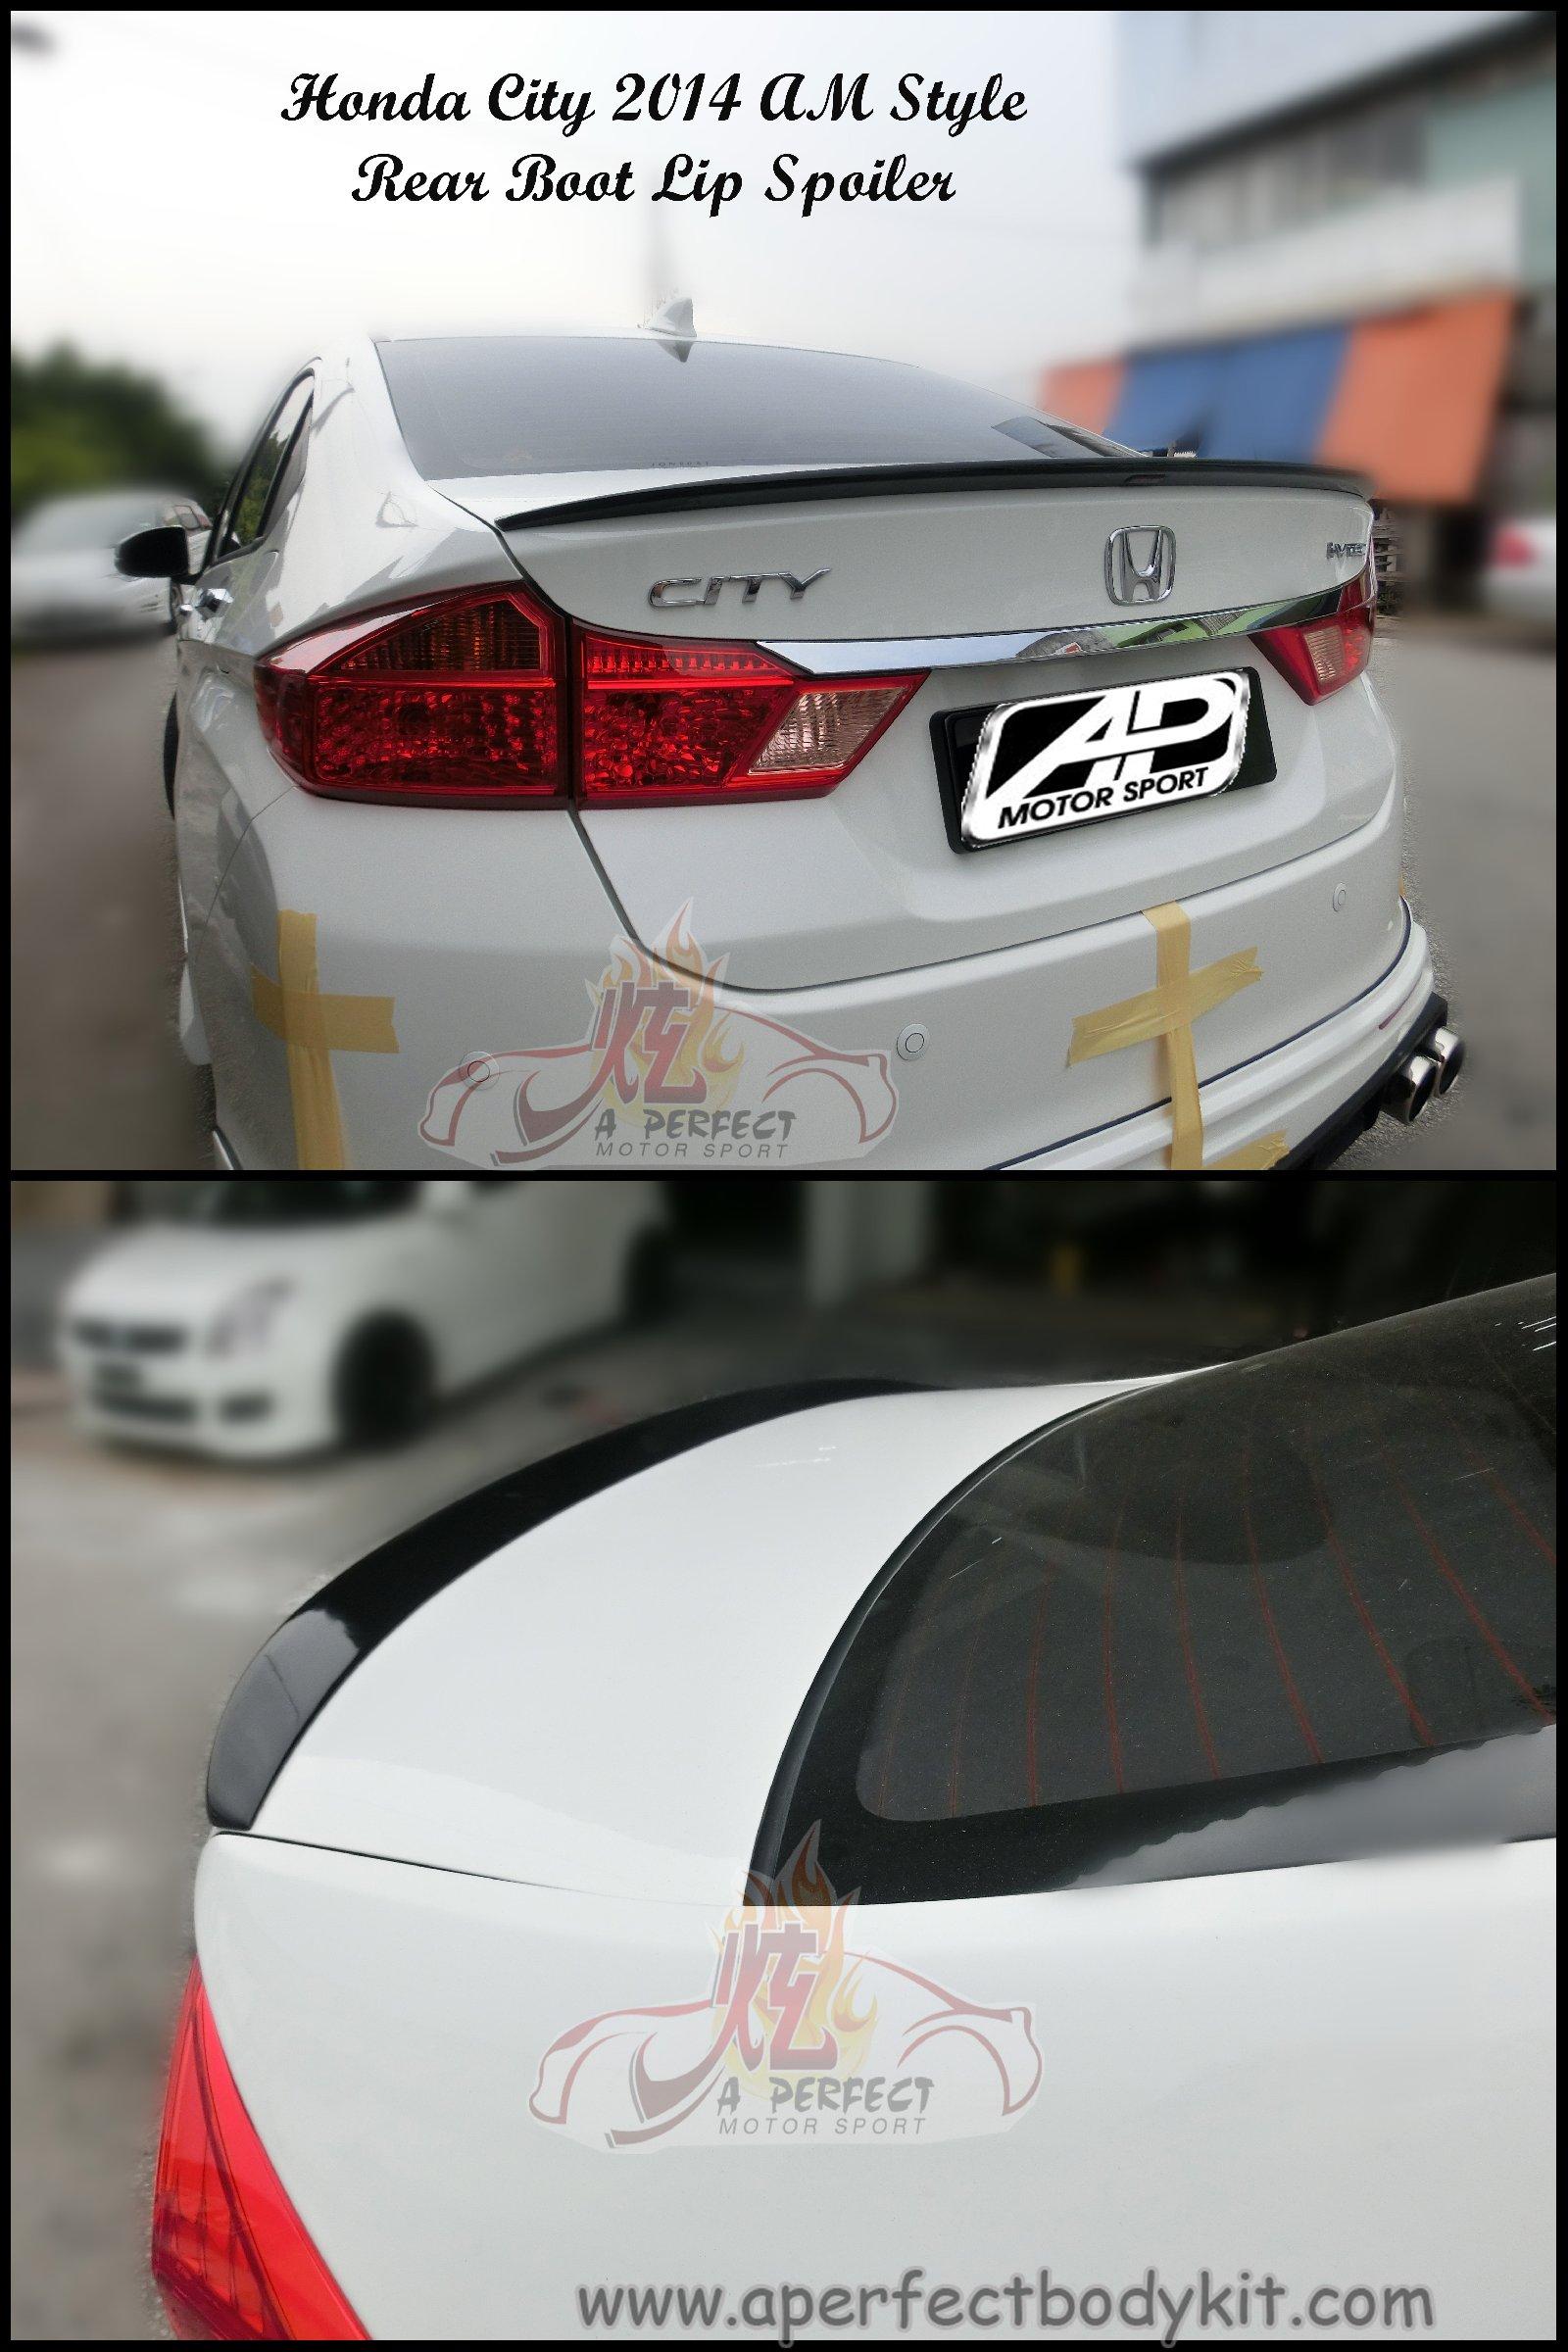 honda city   style rear spoiler honda city  johor bahru jb malaysia body kits